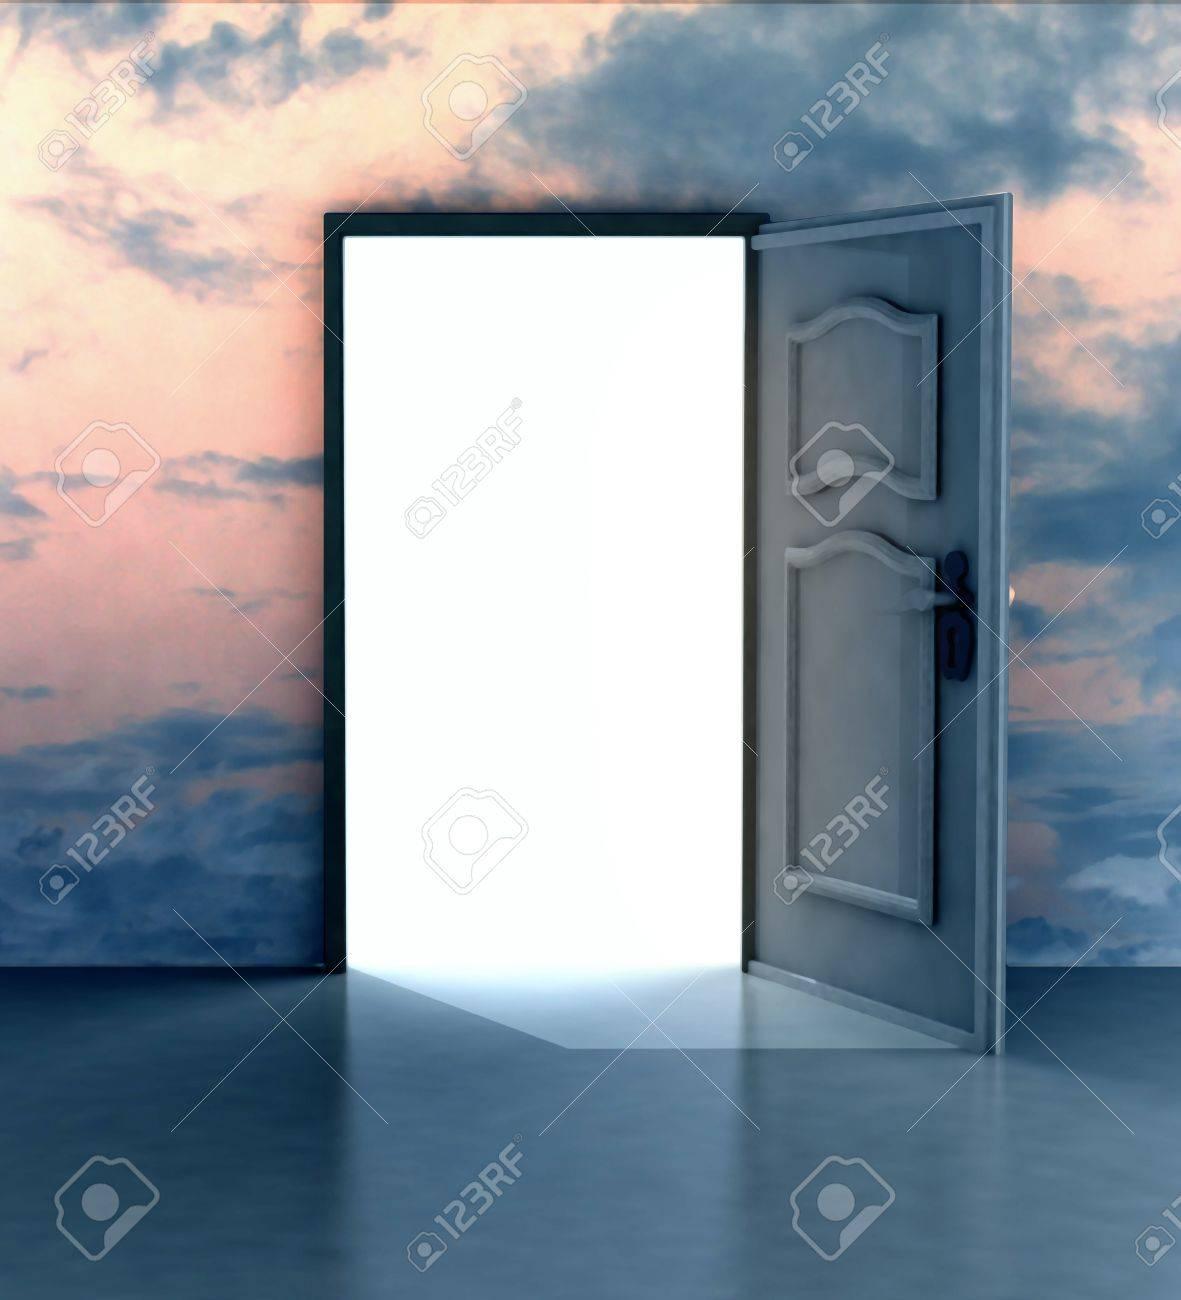 Opened door in sky heaven doorway illustration Stock Illustration - 17351503